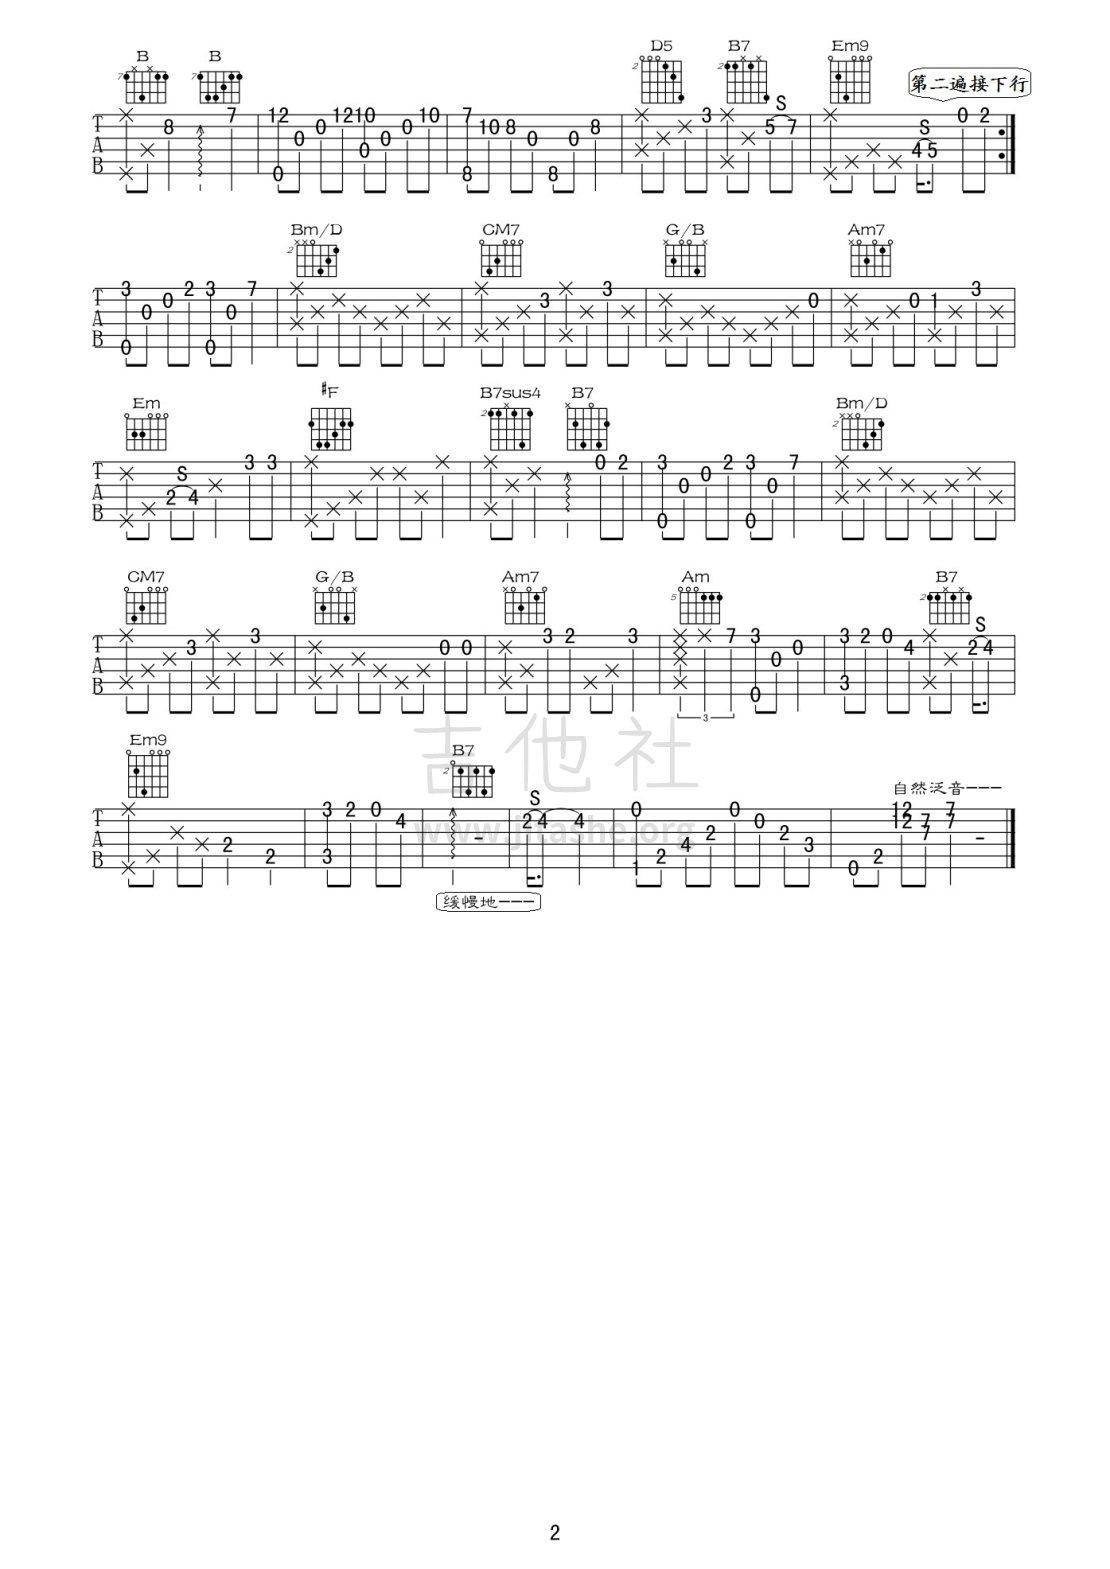 天空之城(正常调弦、接近原版)吉他谱(图片谱,独奏,泛音)_动漫游戏(ACG)_天空之城02.jpg